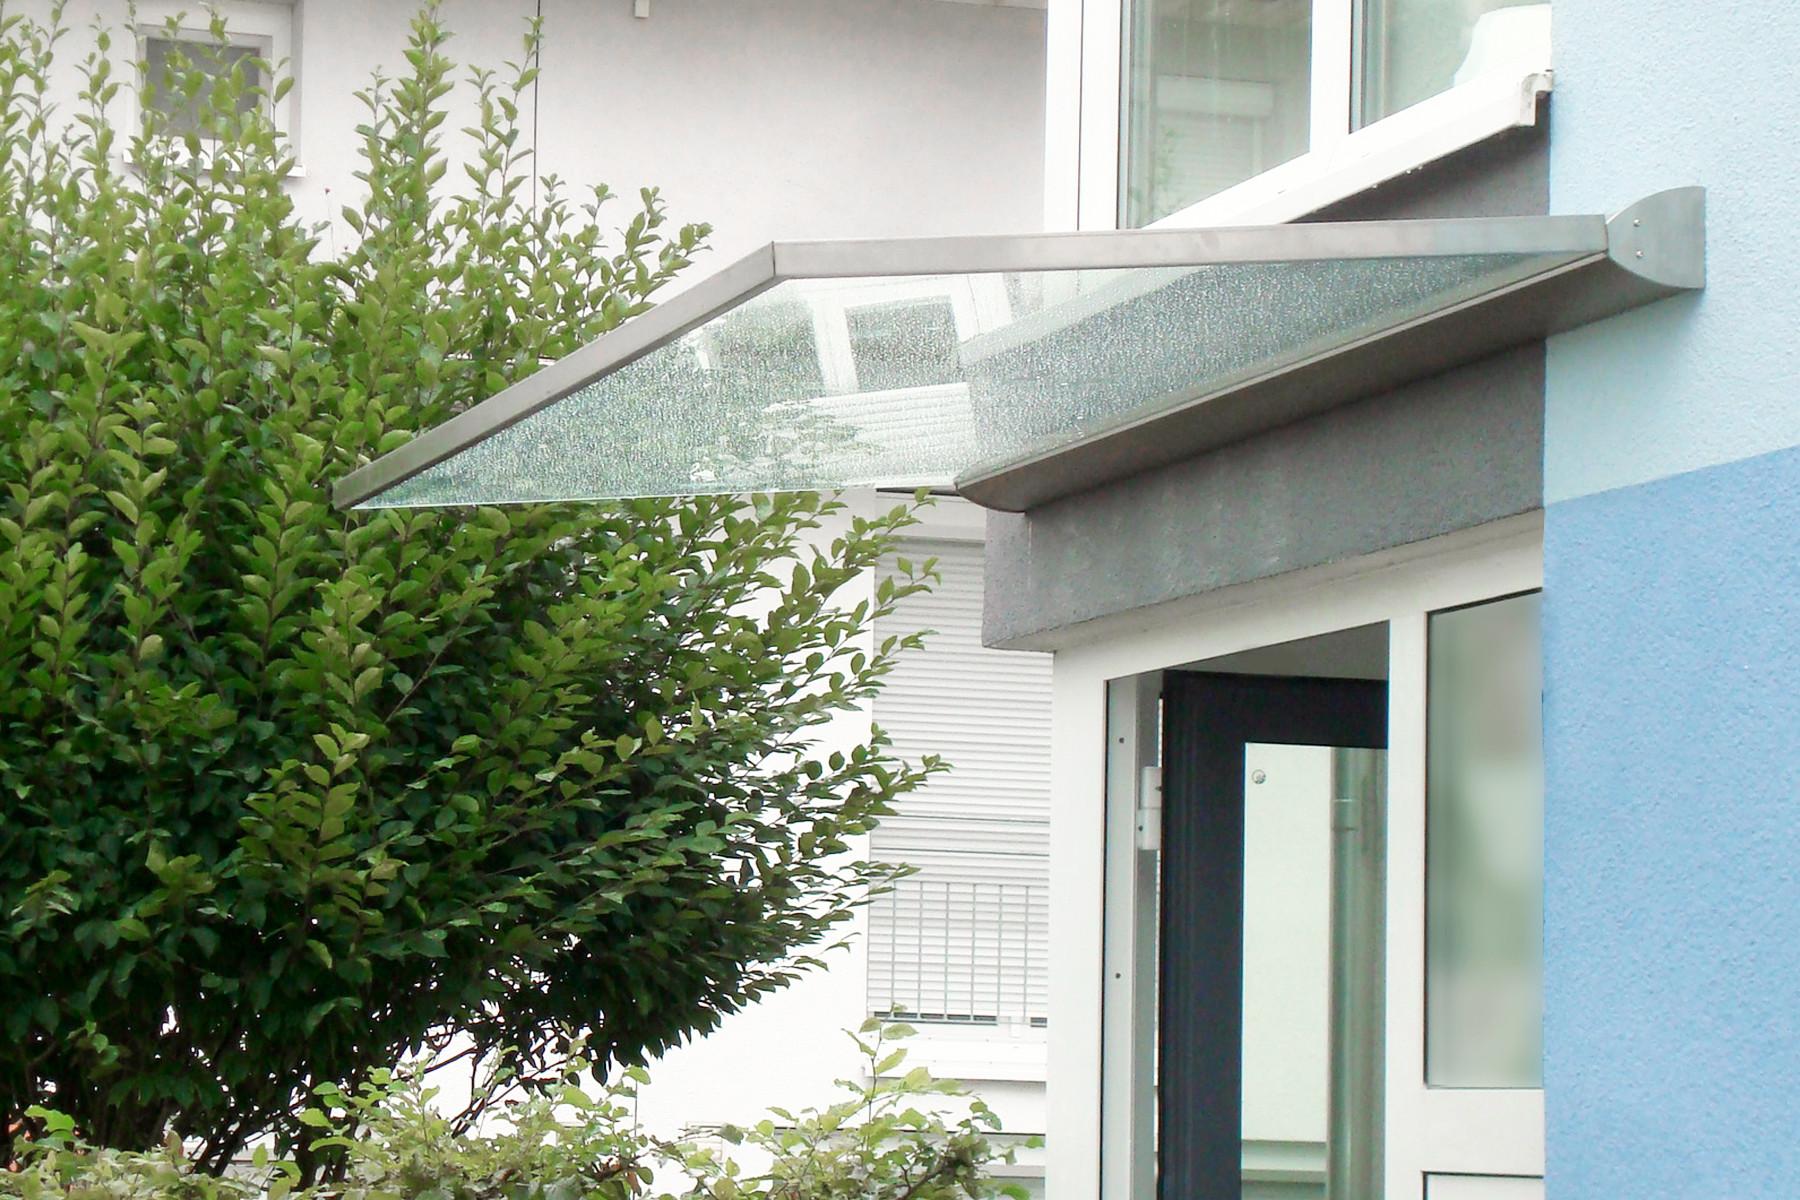 vordach-glas-freitragend-mit-wasserablauf